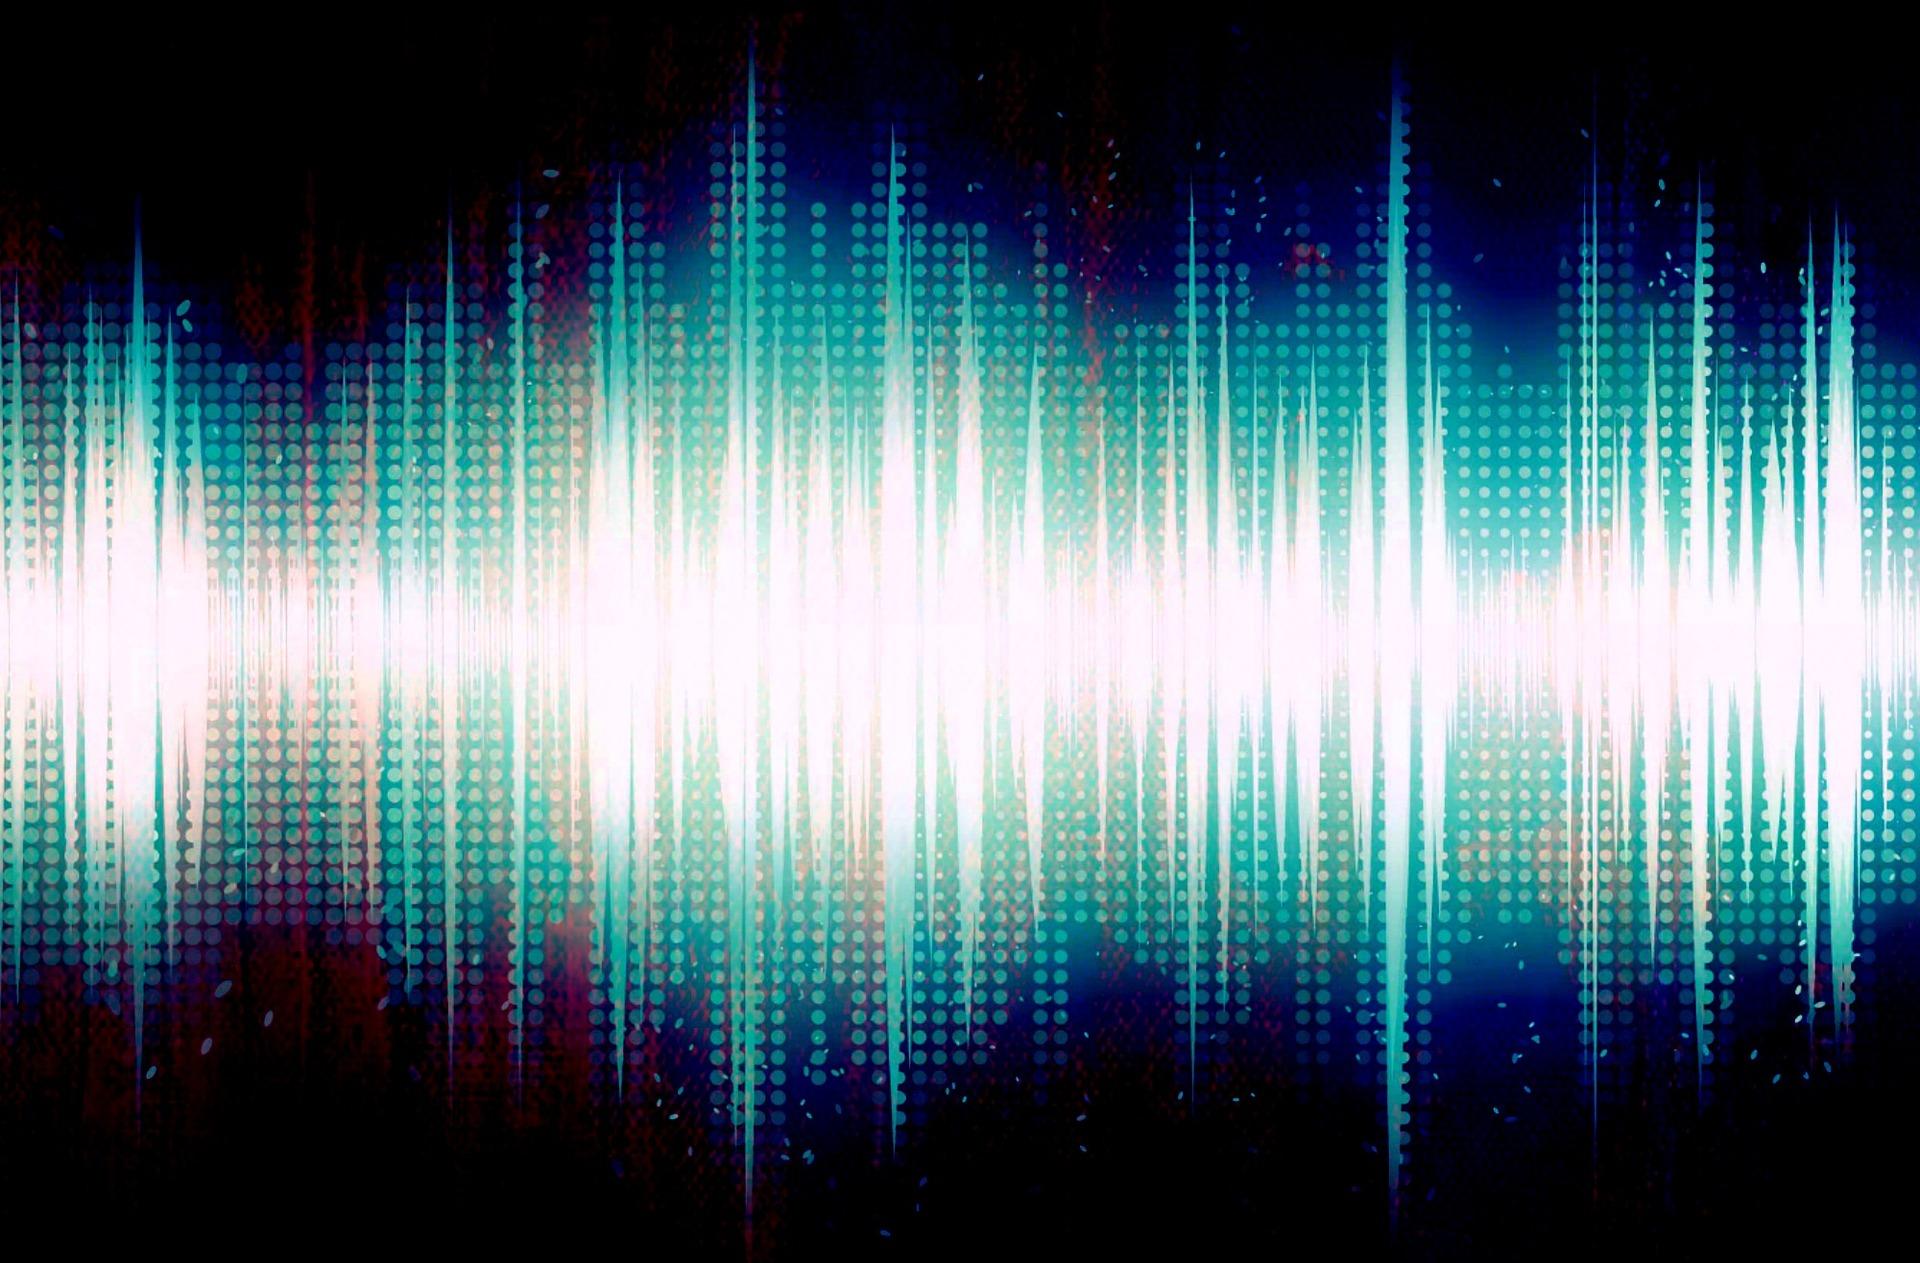 Звук картинки для презентации